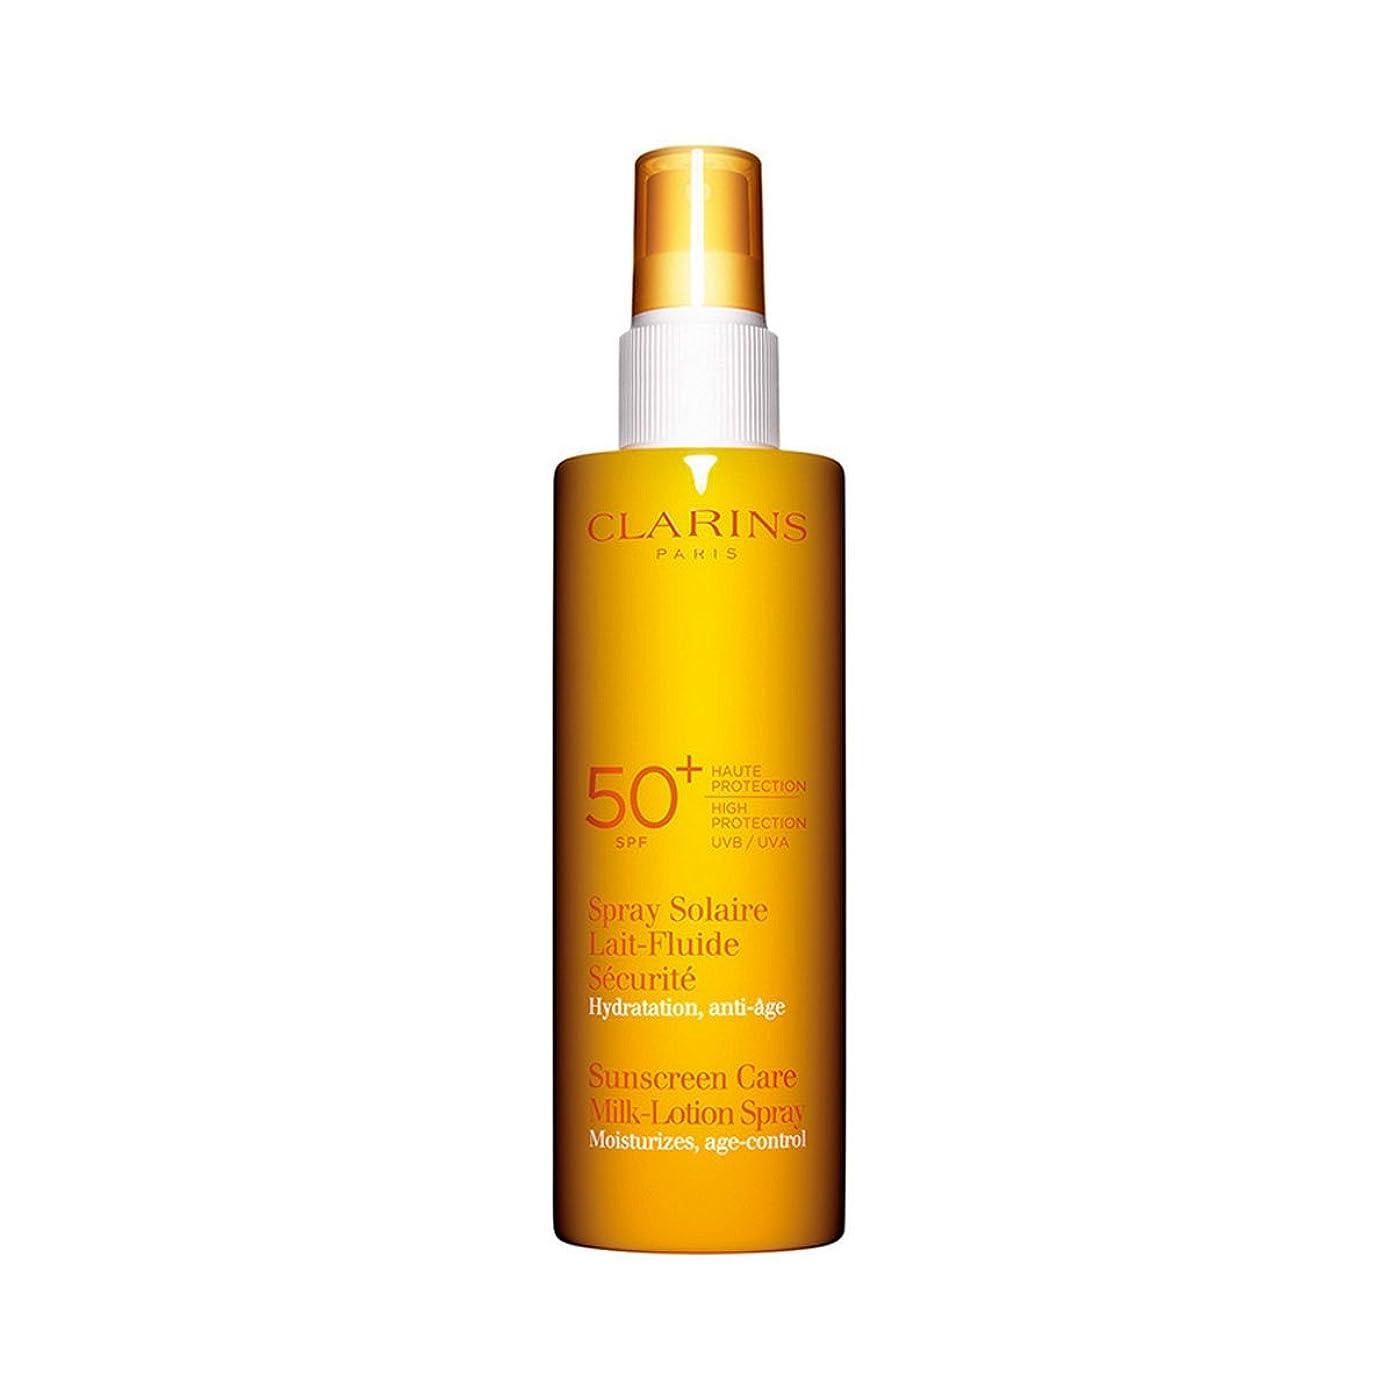 サークルセブン新しい意味Clarins Sun Care Milk-lotion Spray Uva/uvb 50 150ml [並行輸入品]